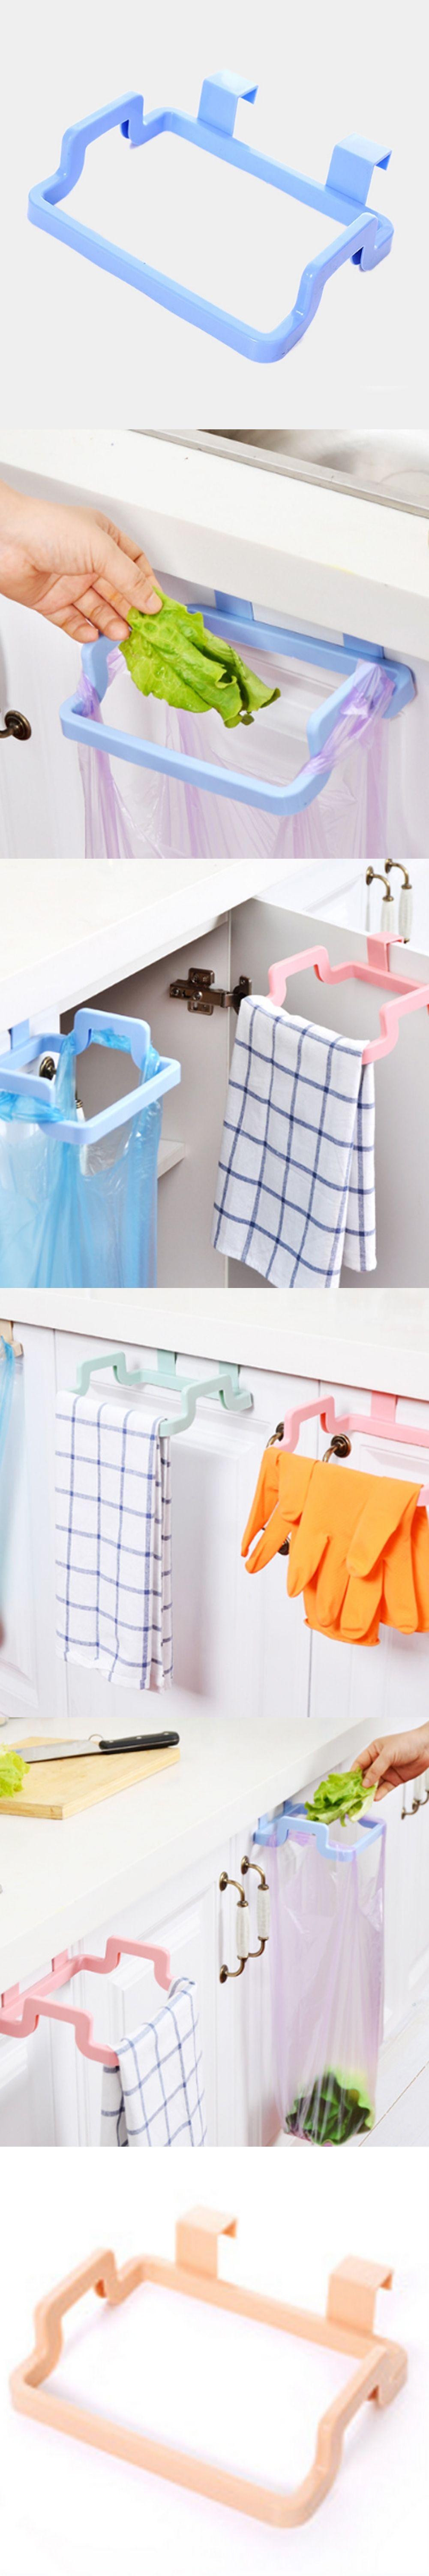 pcs cupboard door back trash rack storage garbage bag holder